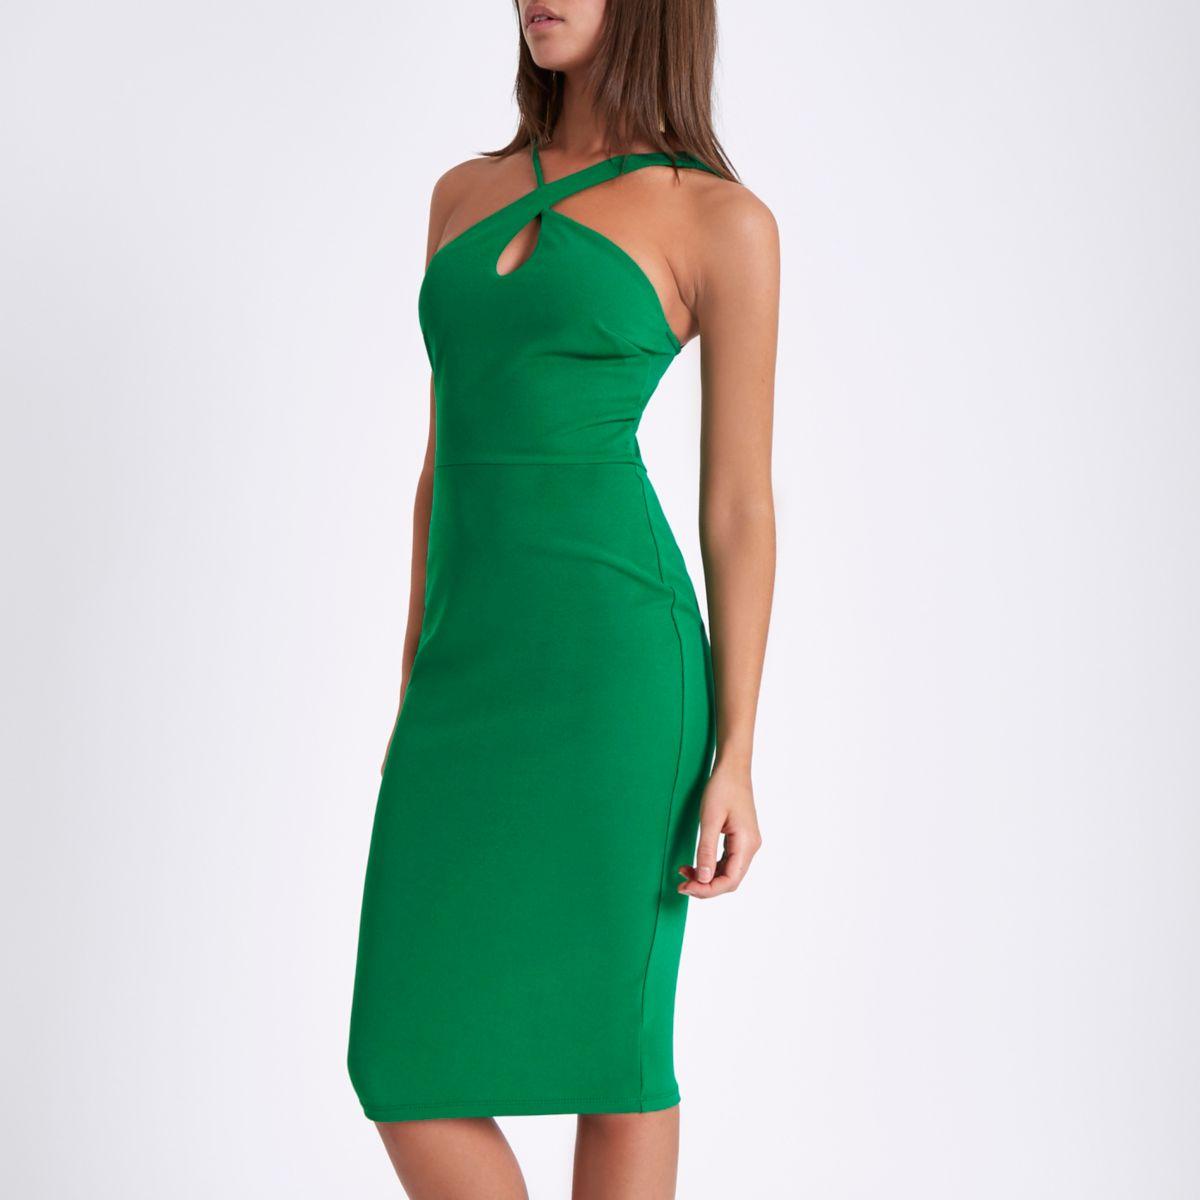 Grünes Bodycon-Kleid mit überkreuzten Trägern